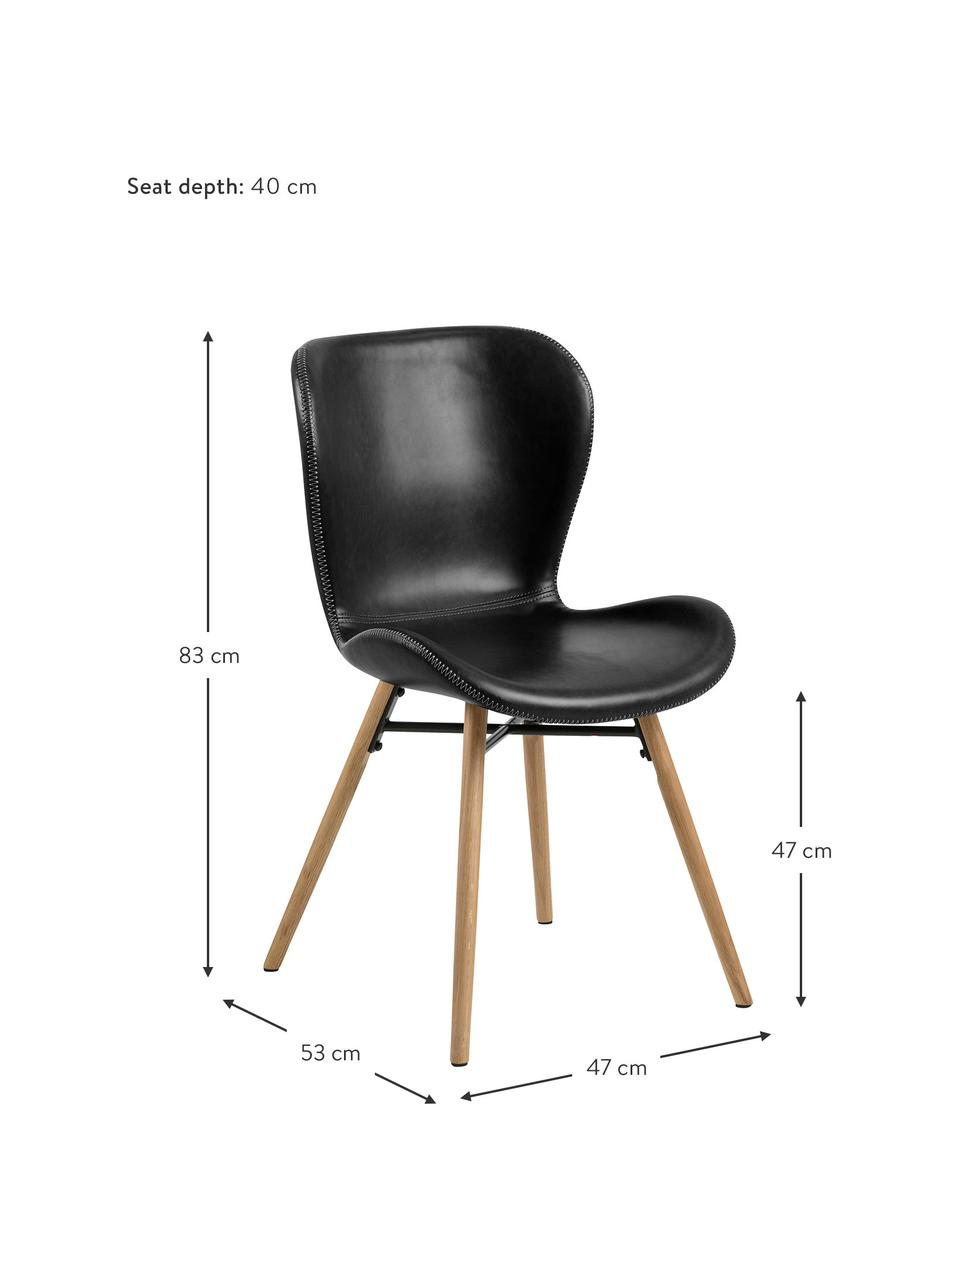 Kunstleren stoelen Batilda in zwart, 2 stuks, Bekleding: kunstleer (polyurethaan), Poten: eikenhout, geolied, Kunstleer zwart, B 47 x D 53 cm